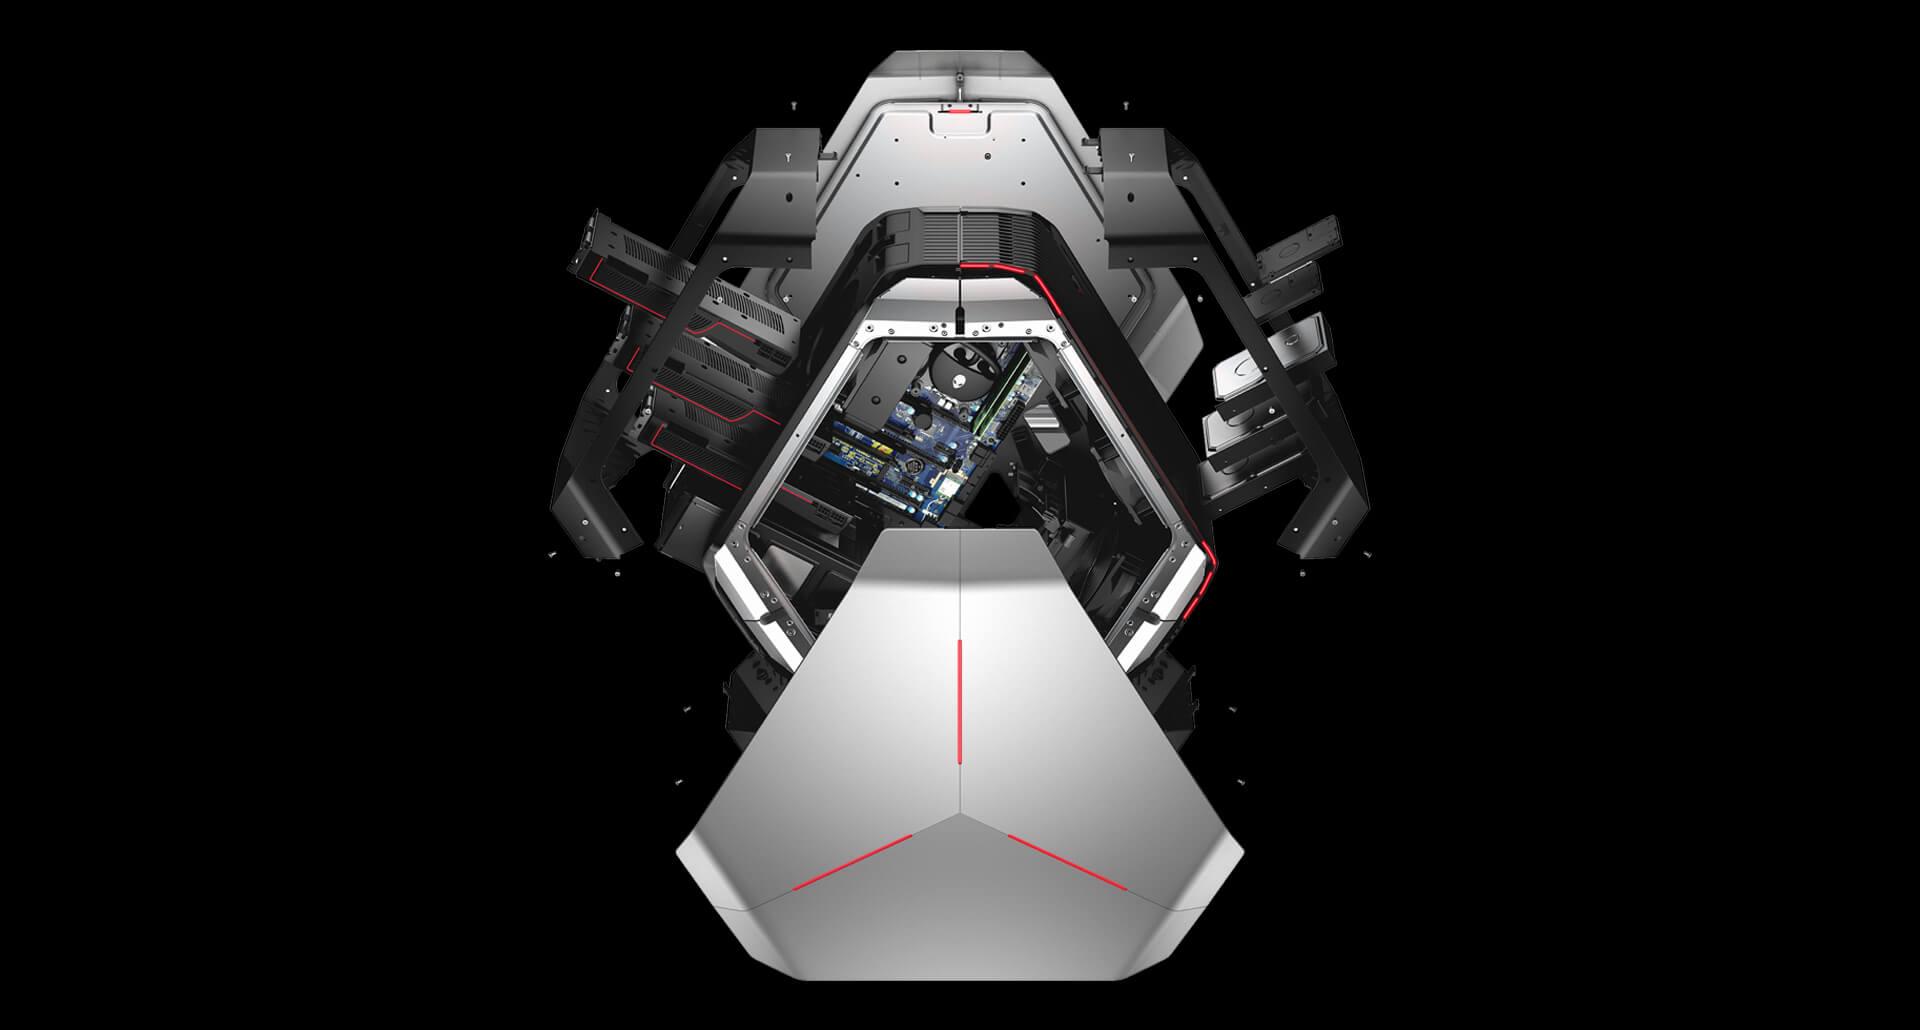 Éld meg a virtuális valóságot az új Alienware eszközökkel!